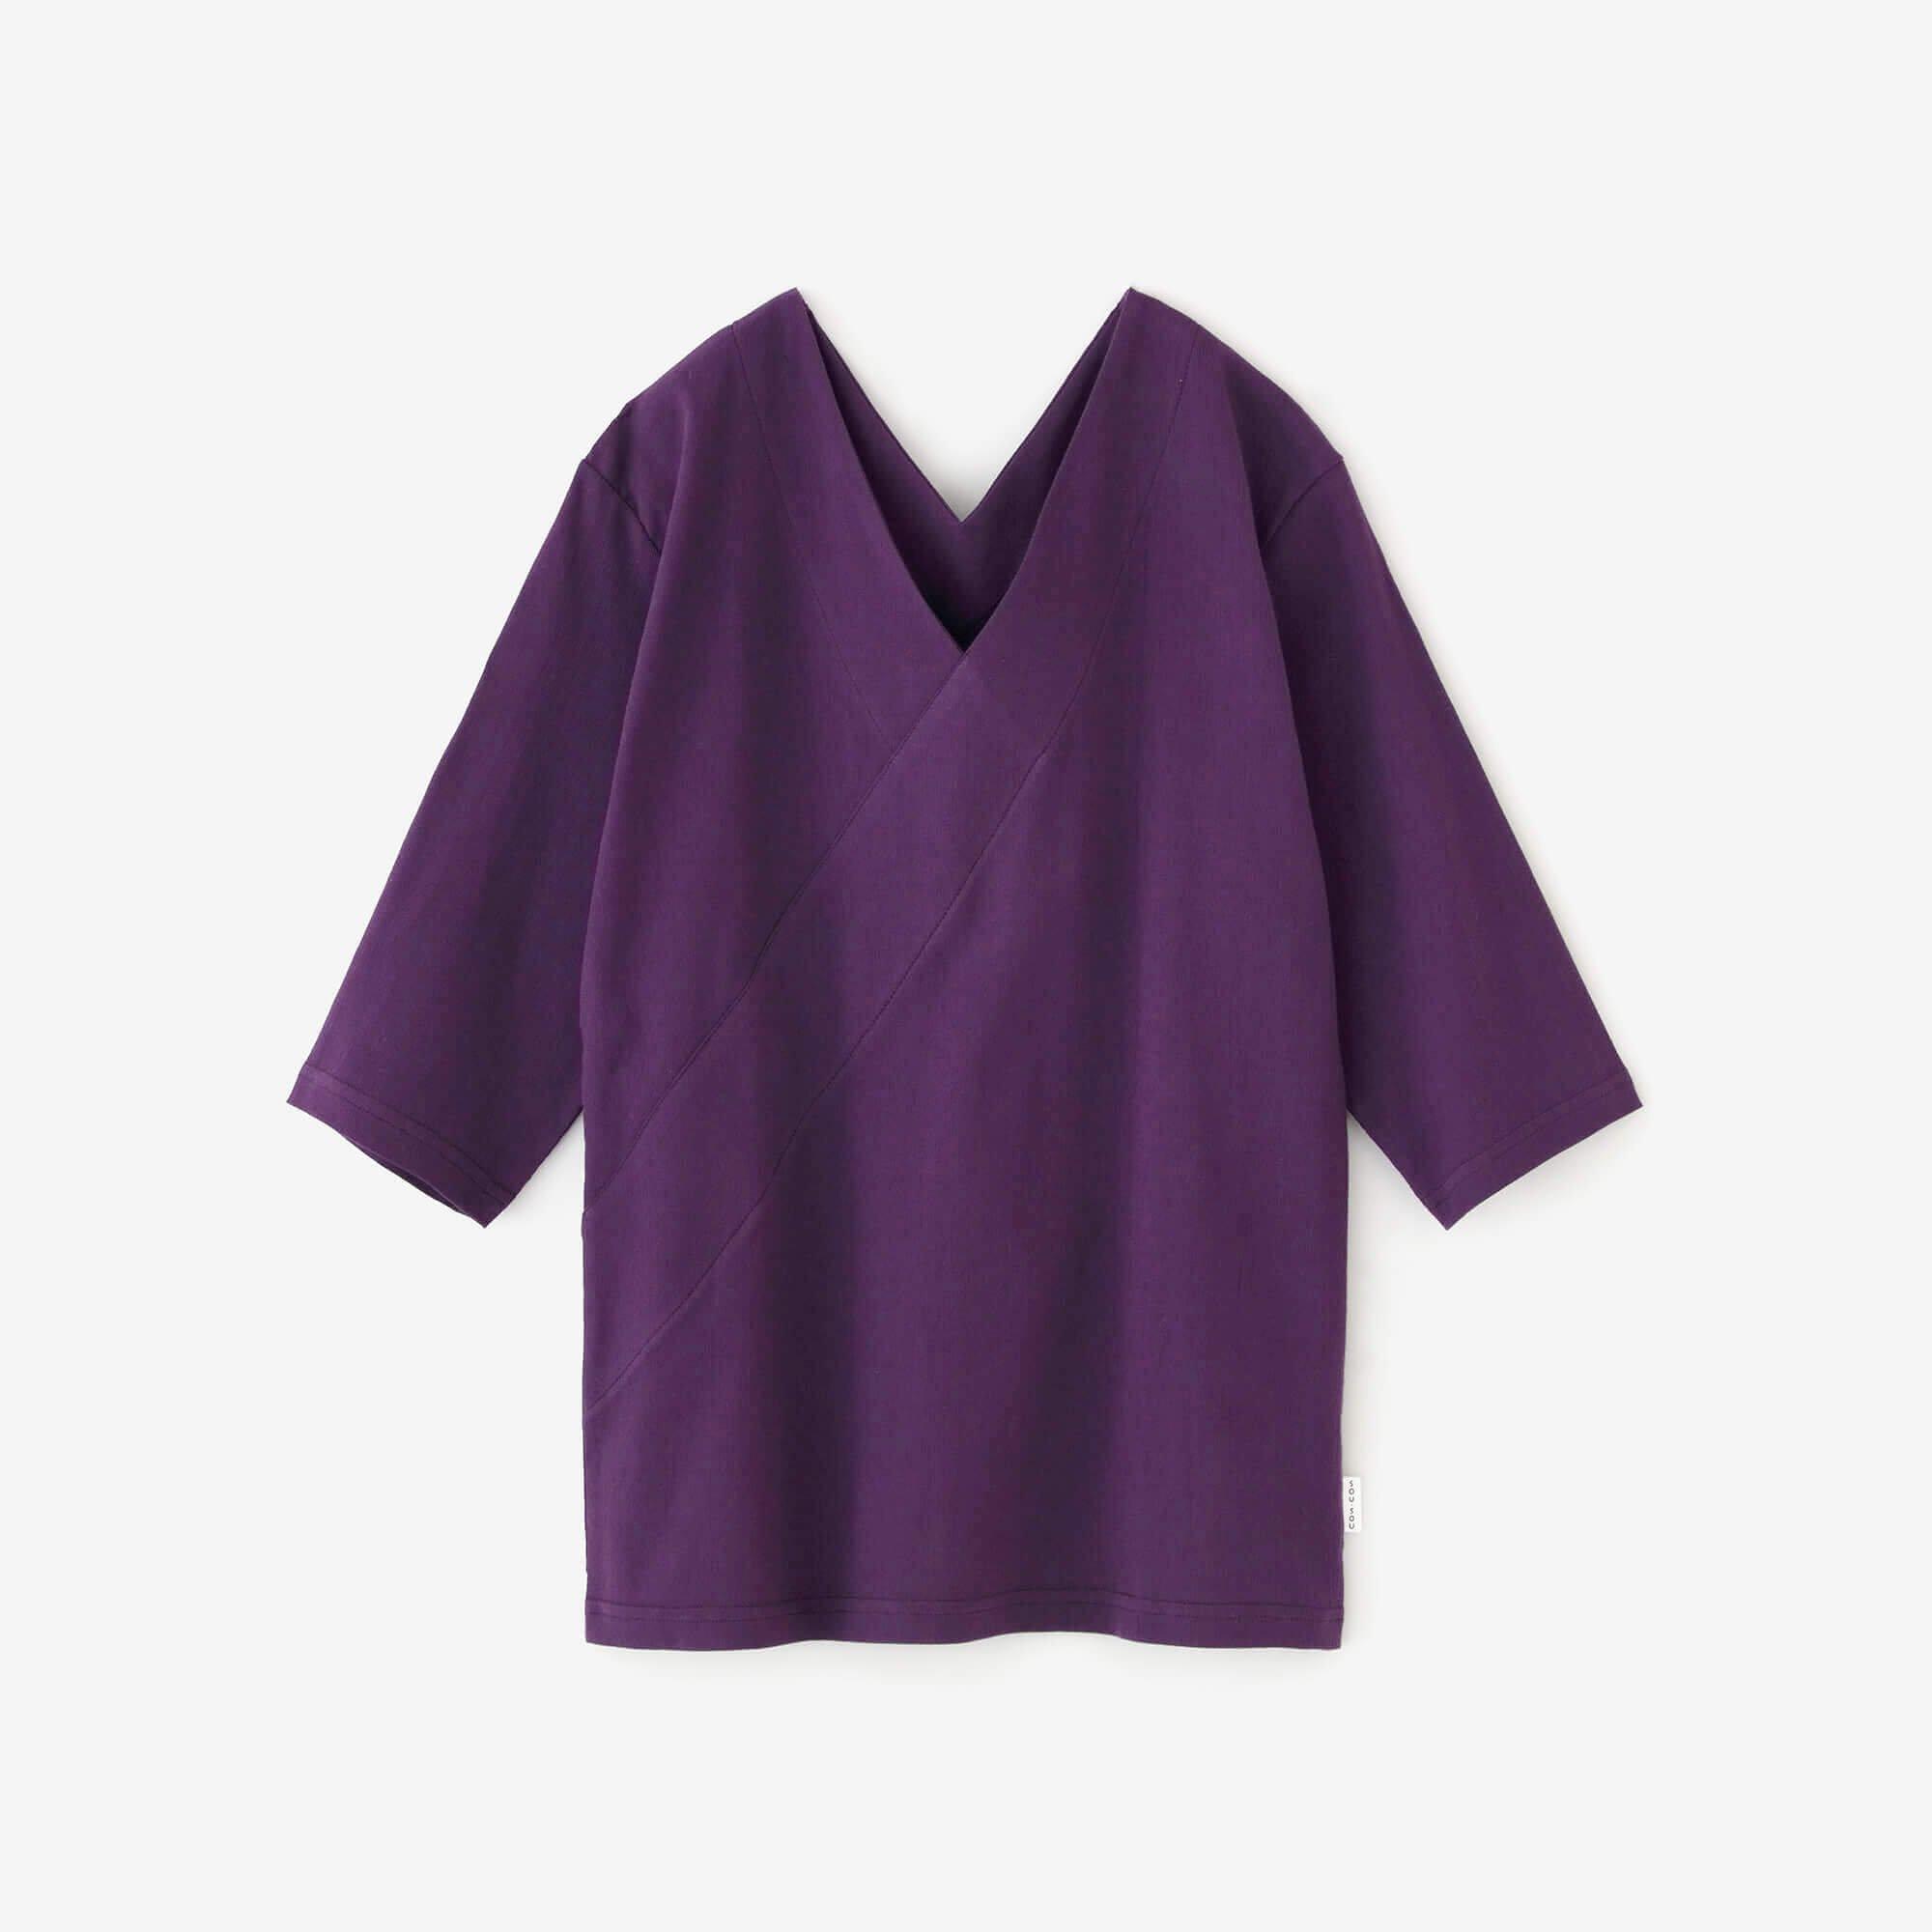 高島縮 抜衿ジバン 六分丈/紫紺(しこん)